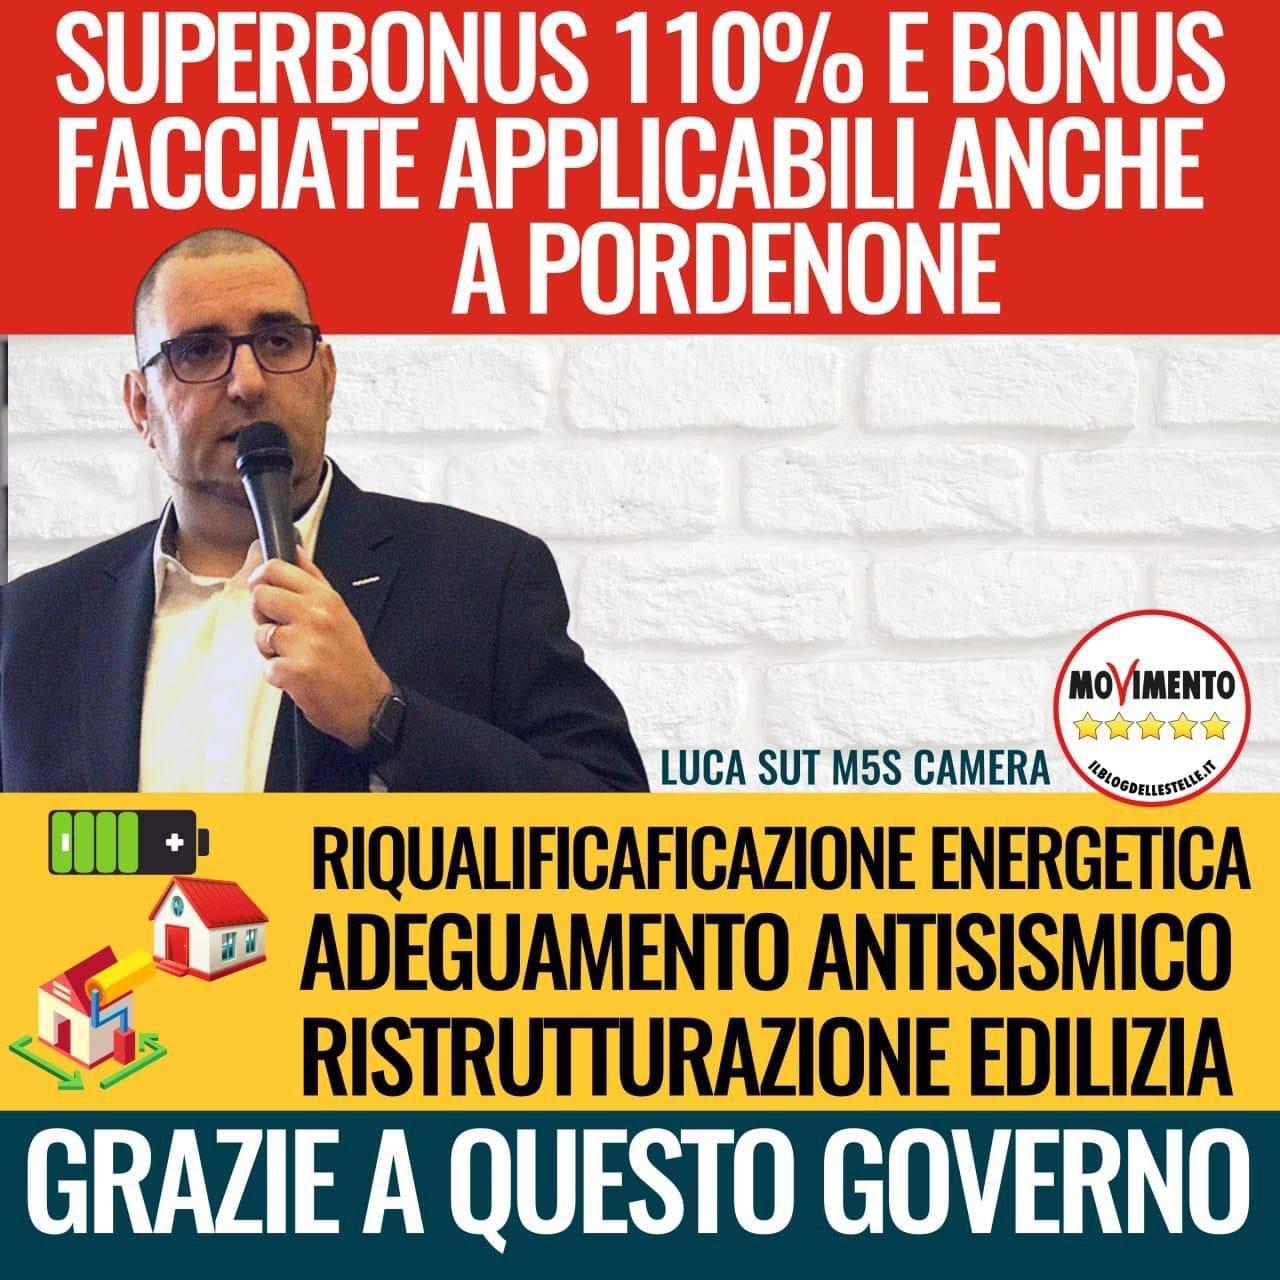 Superbonus 110% e bonus facciate applicabili anche a Pordenone